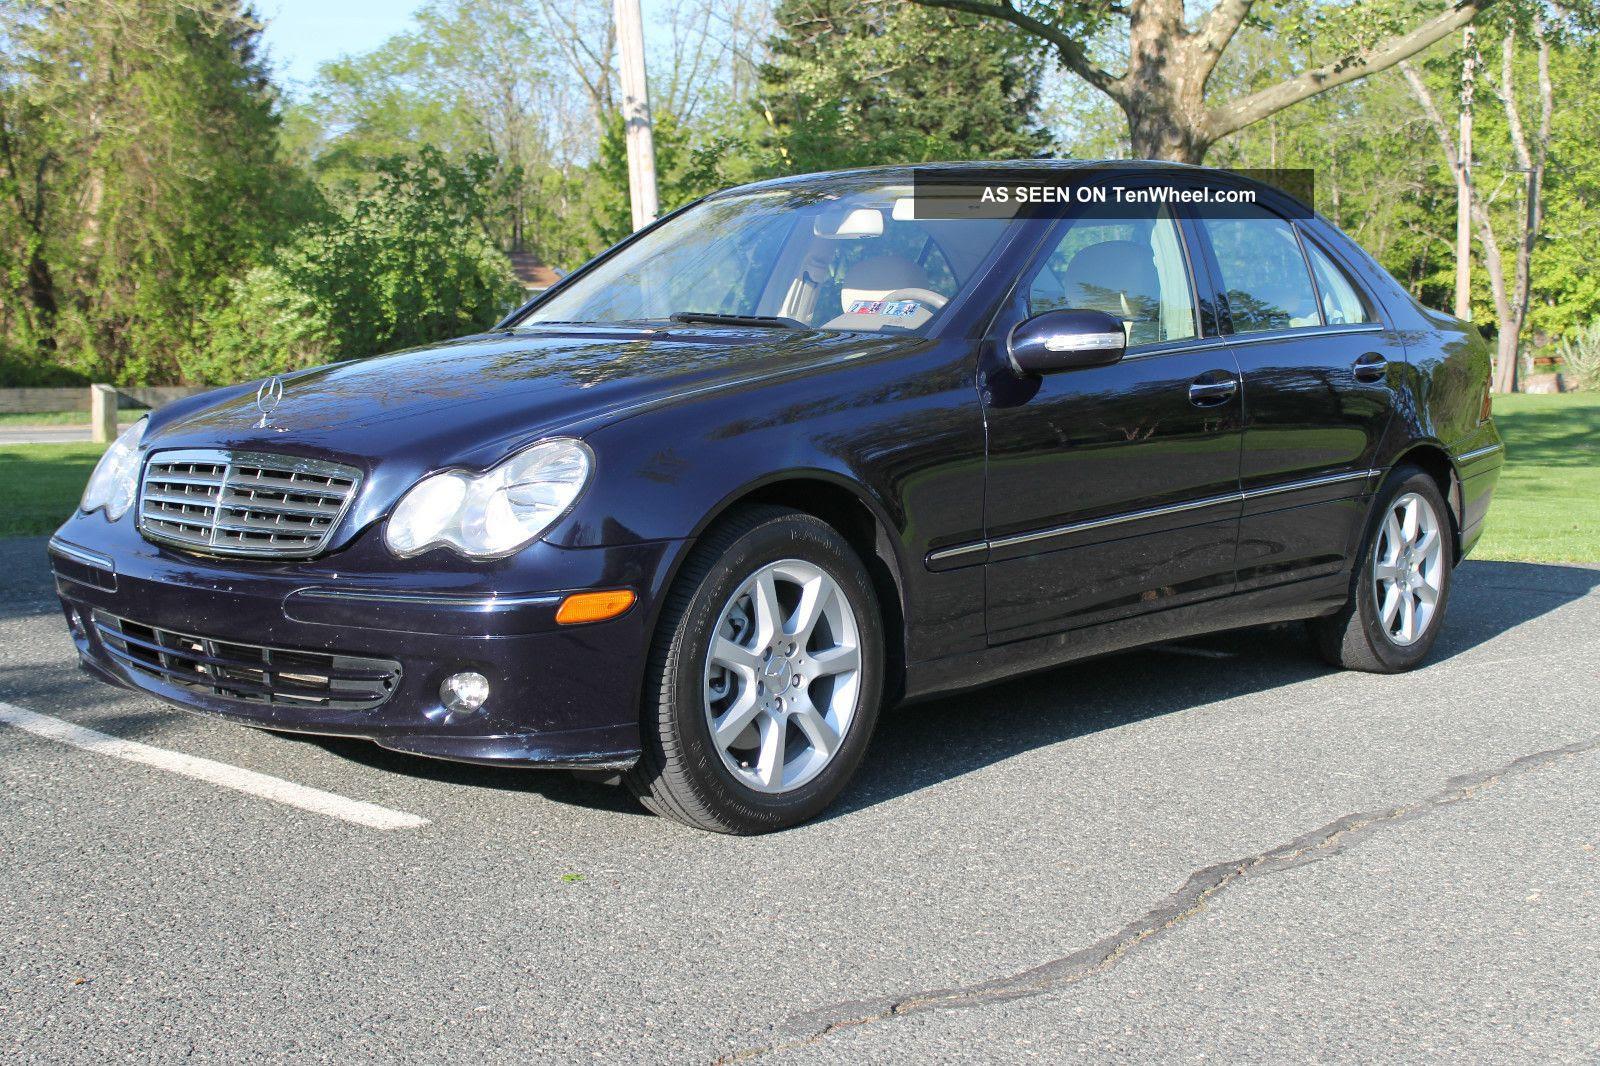 2007 Mercedes - Benz C280 4matic Sedan 4 - Door 3. 0l